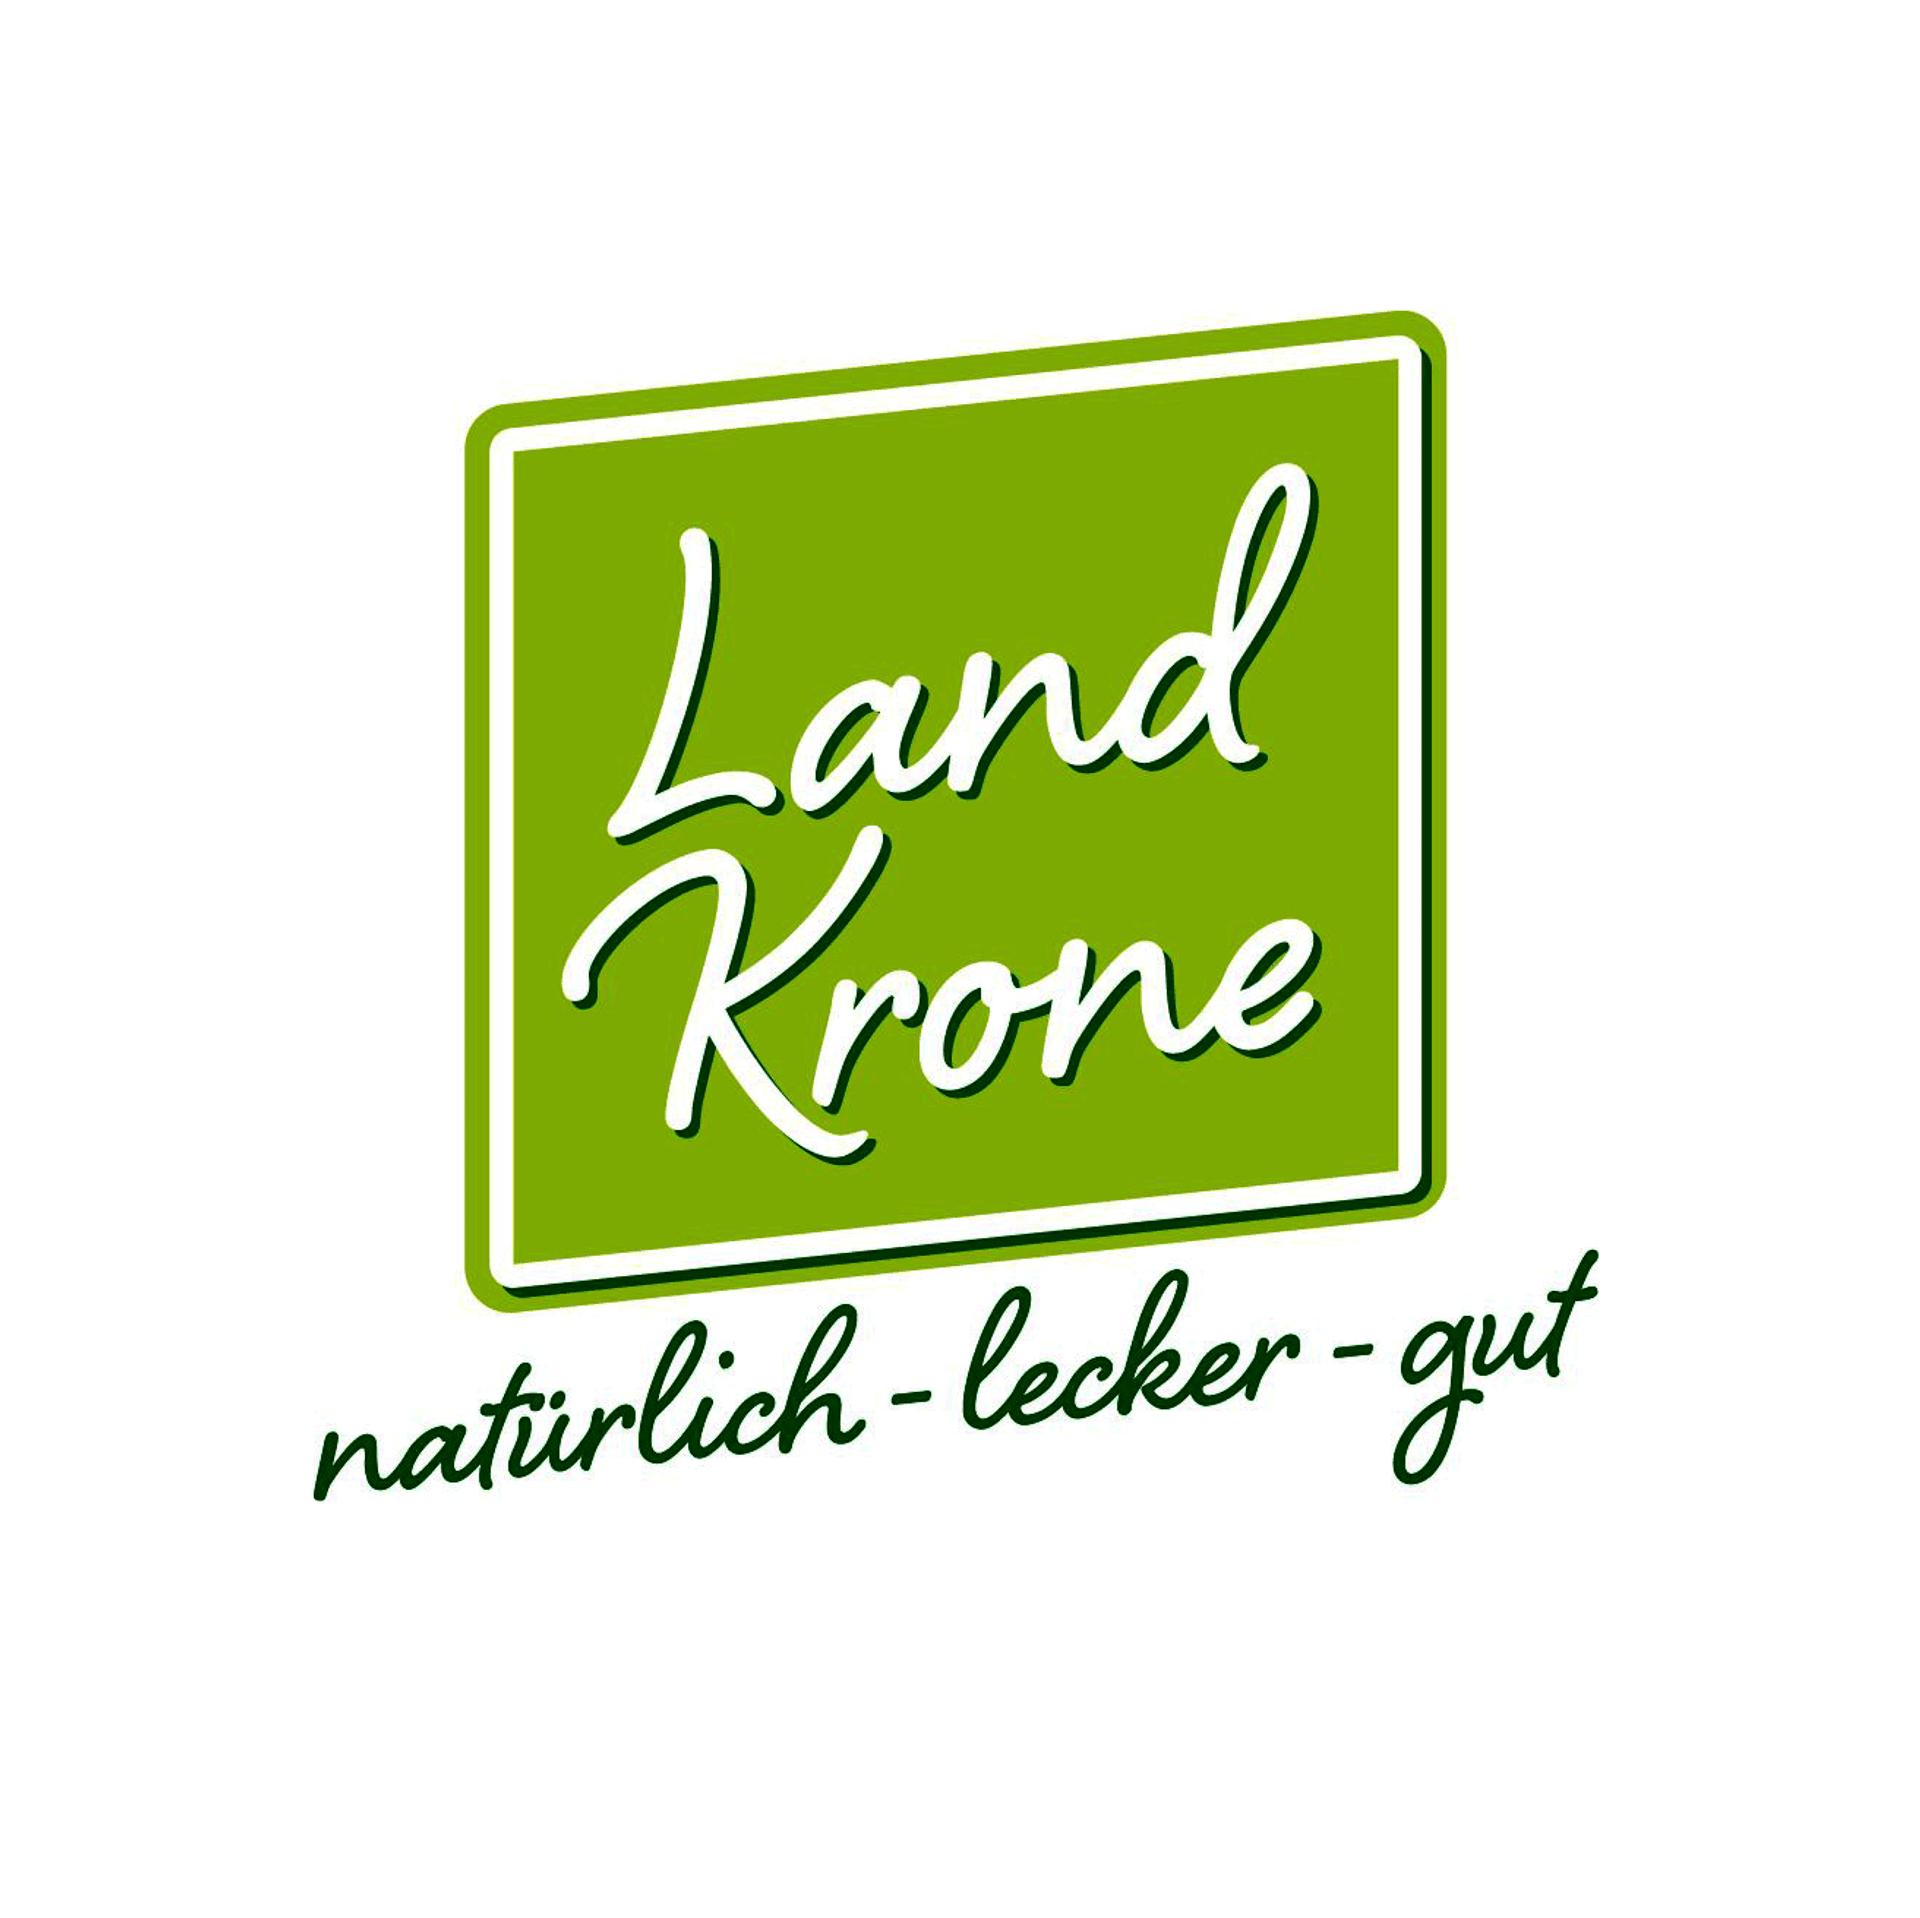 Landkrone Logo